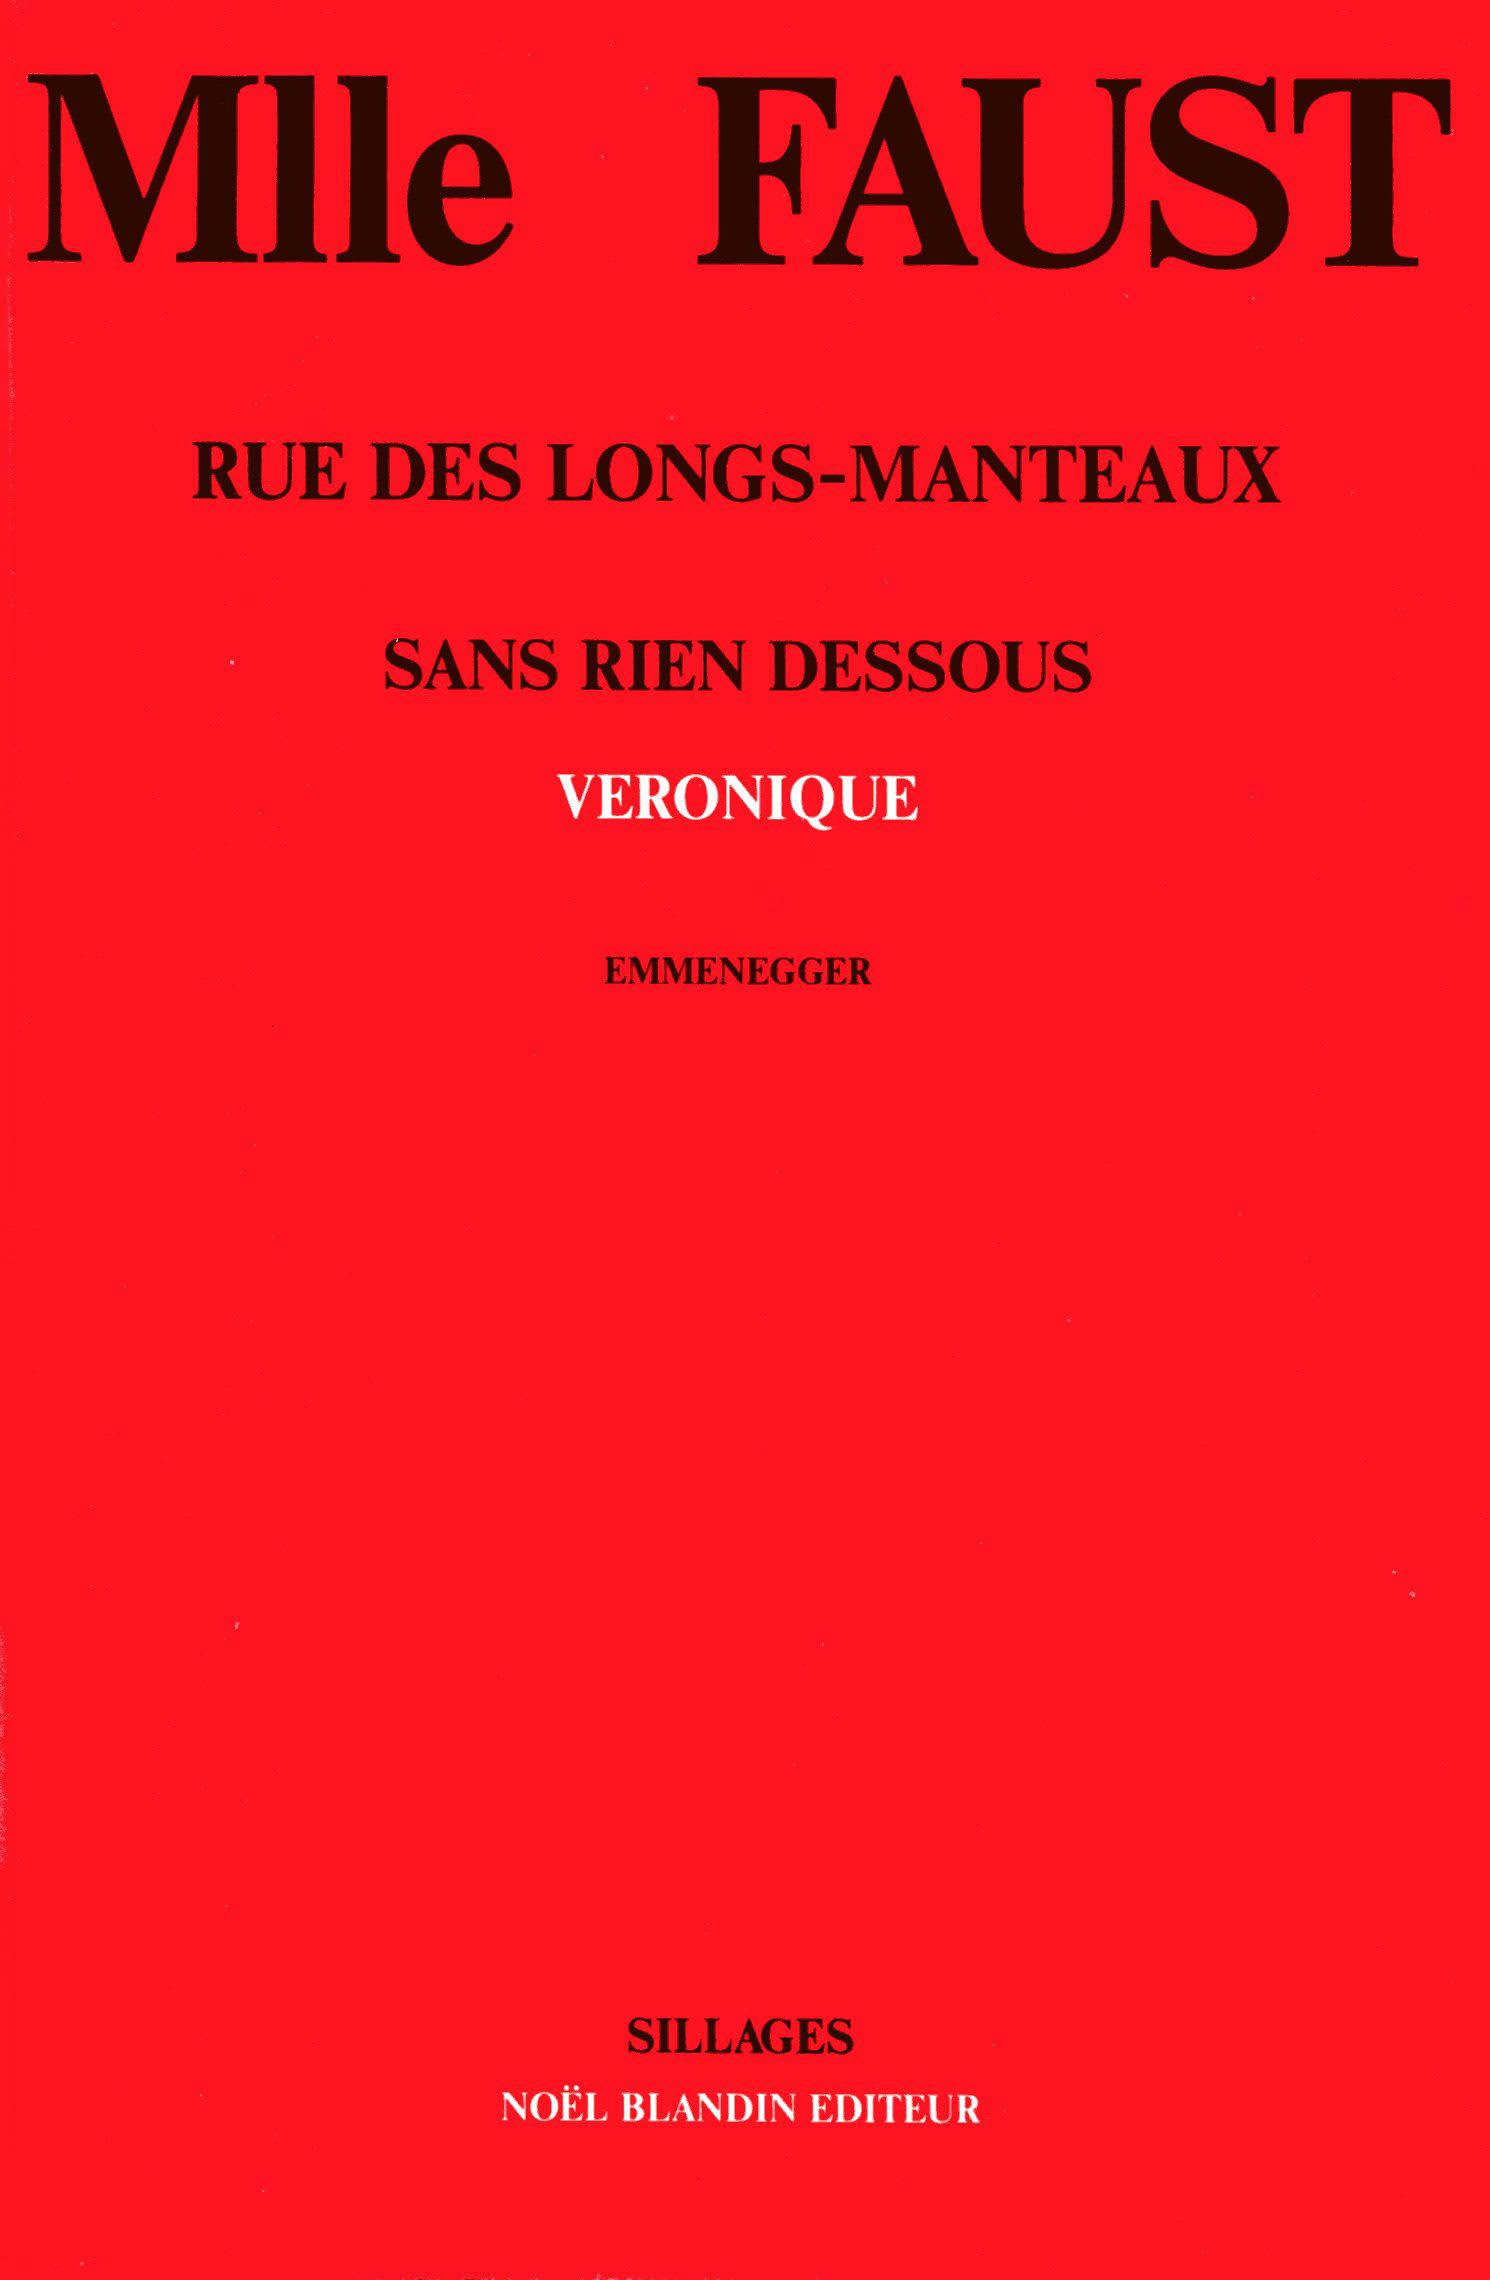 Livre Mademoiselle Faust